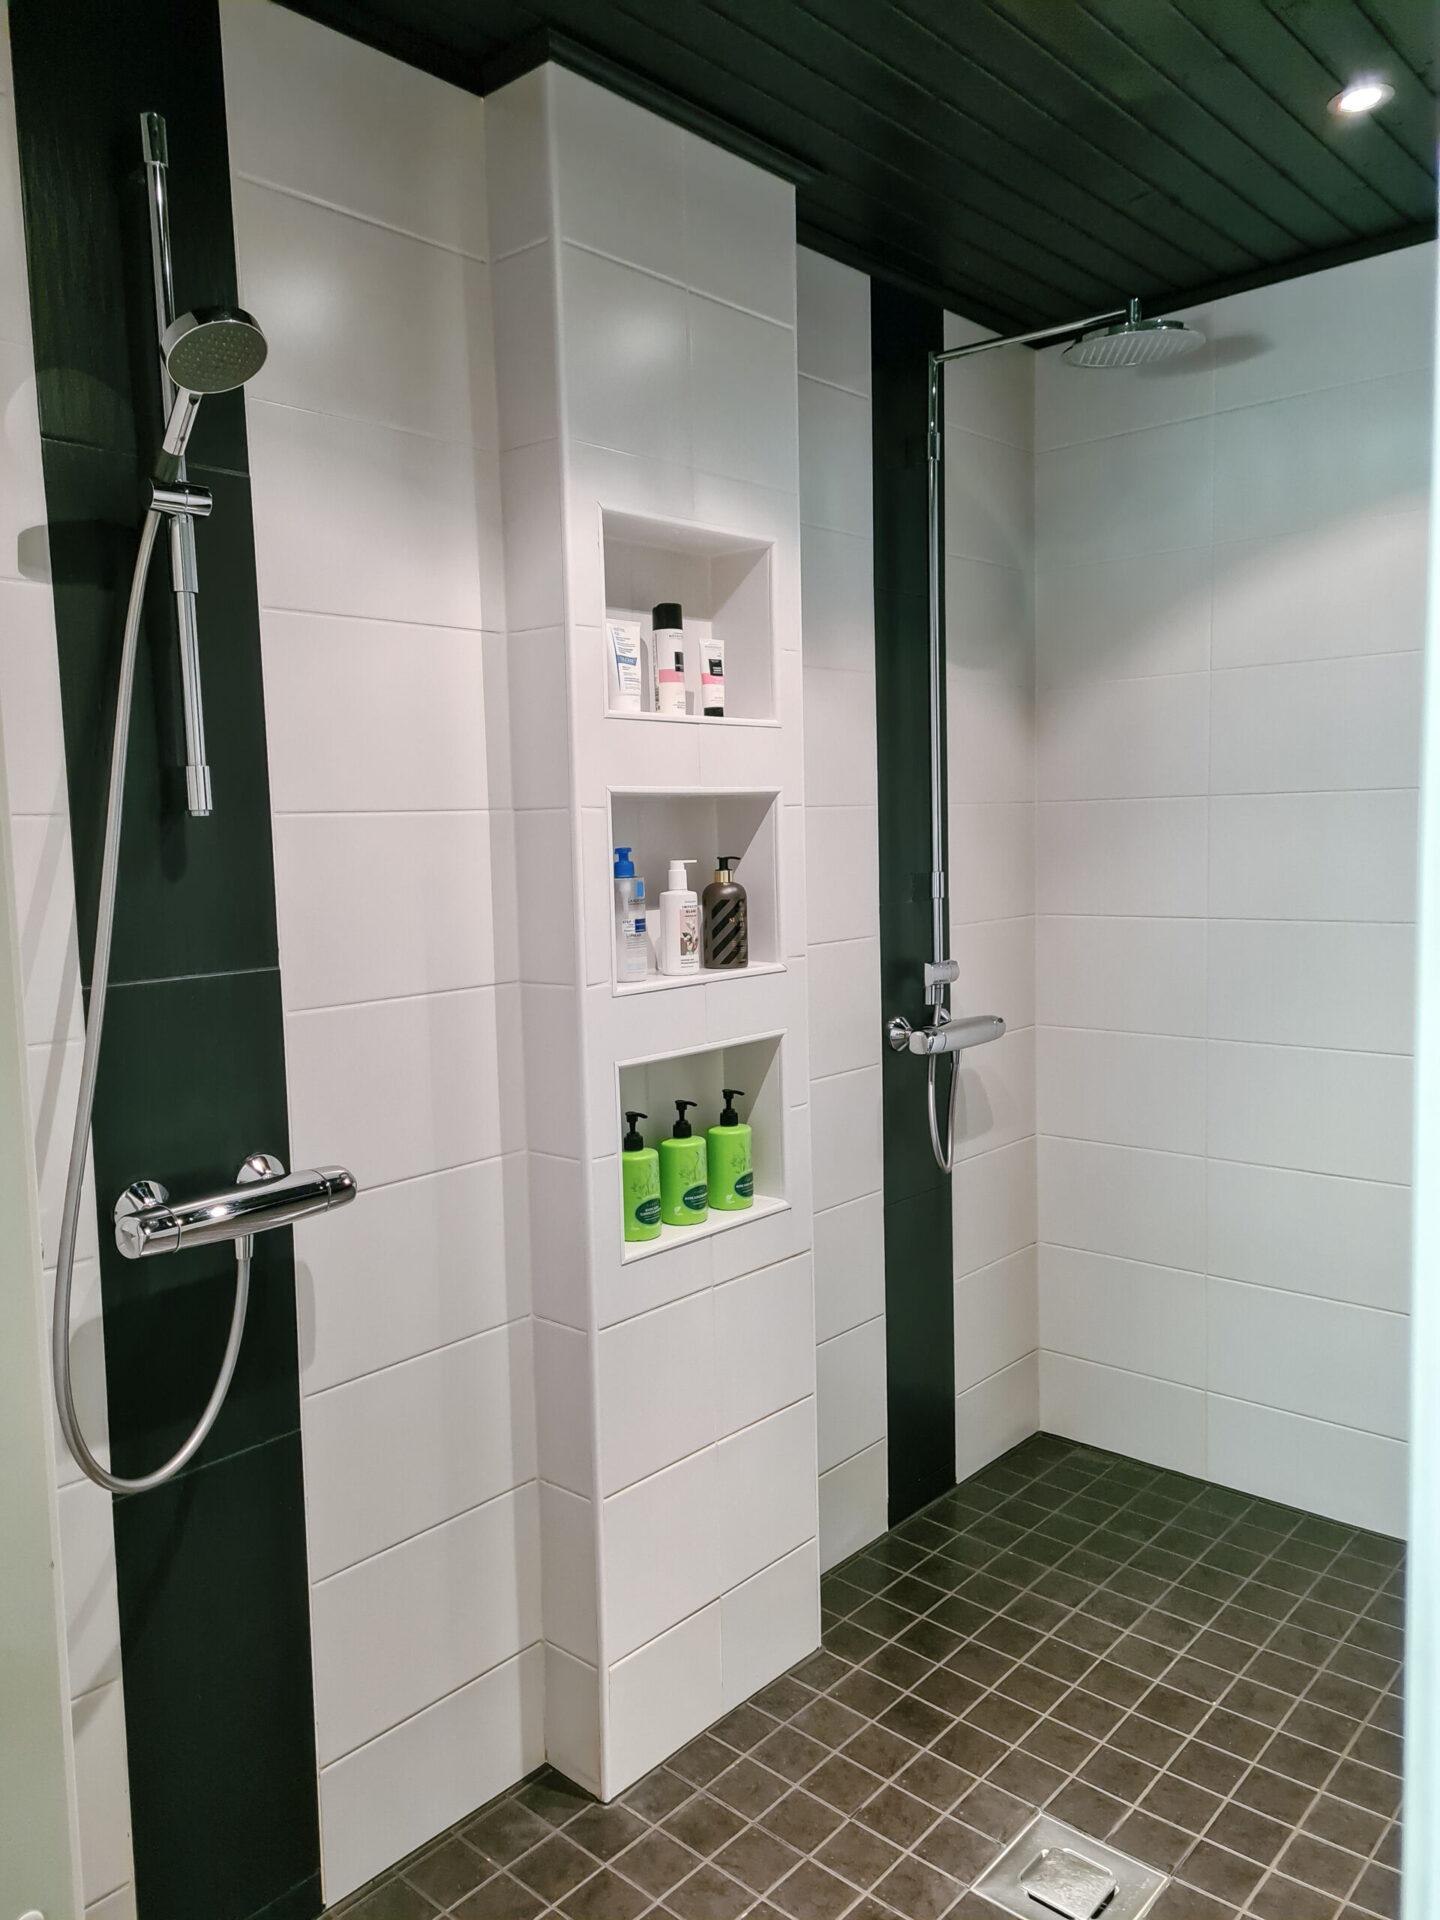 Kylpyhuoneen siivous ilman hinkkaamista!